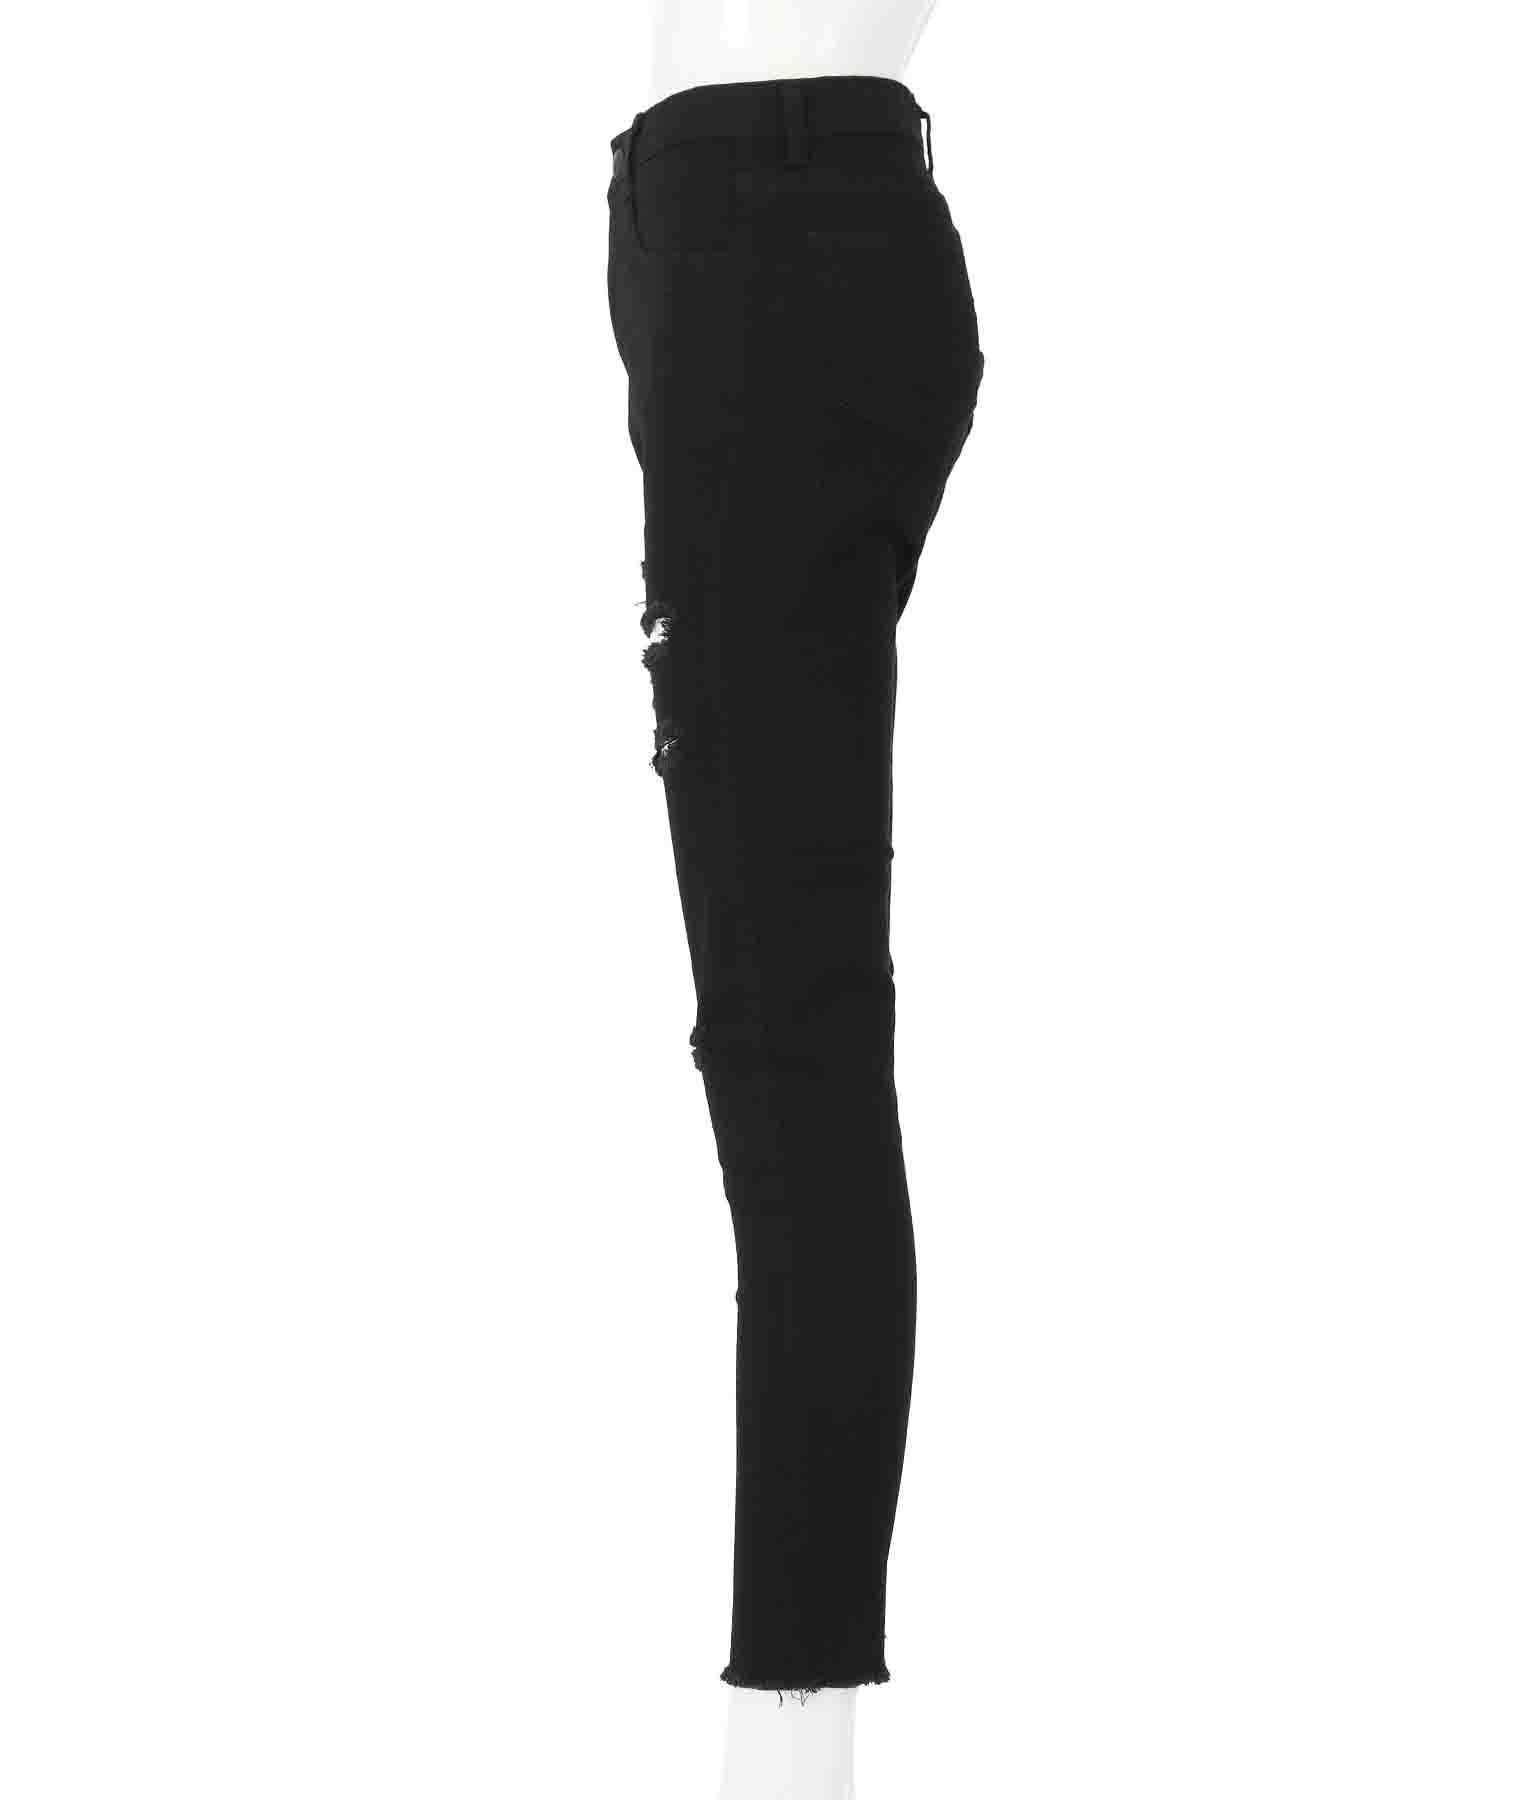 スラッシュダメージストレッチブラックパンツ(ボトムス・パンツ /ロングパンツ) | anap Latina